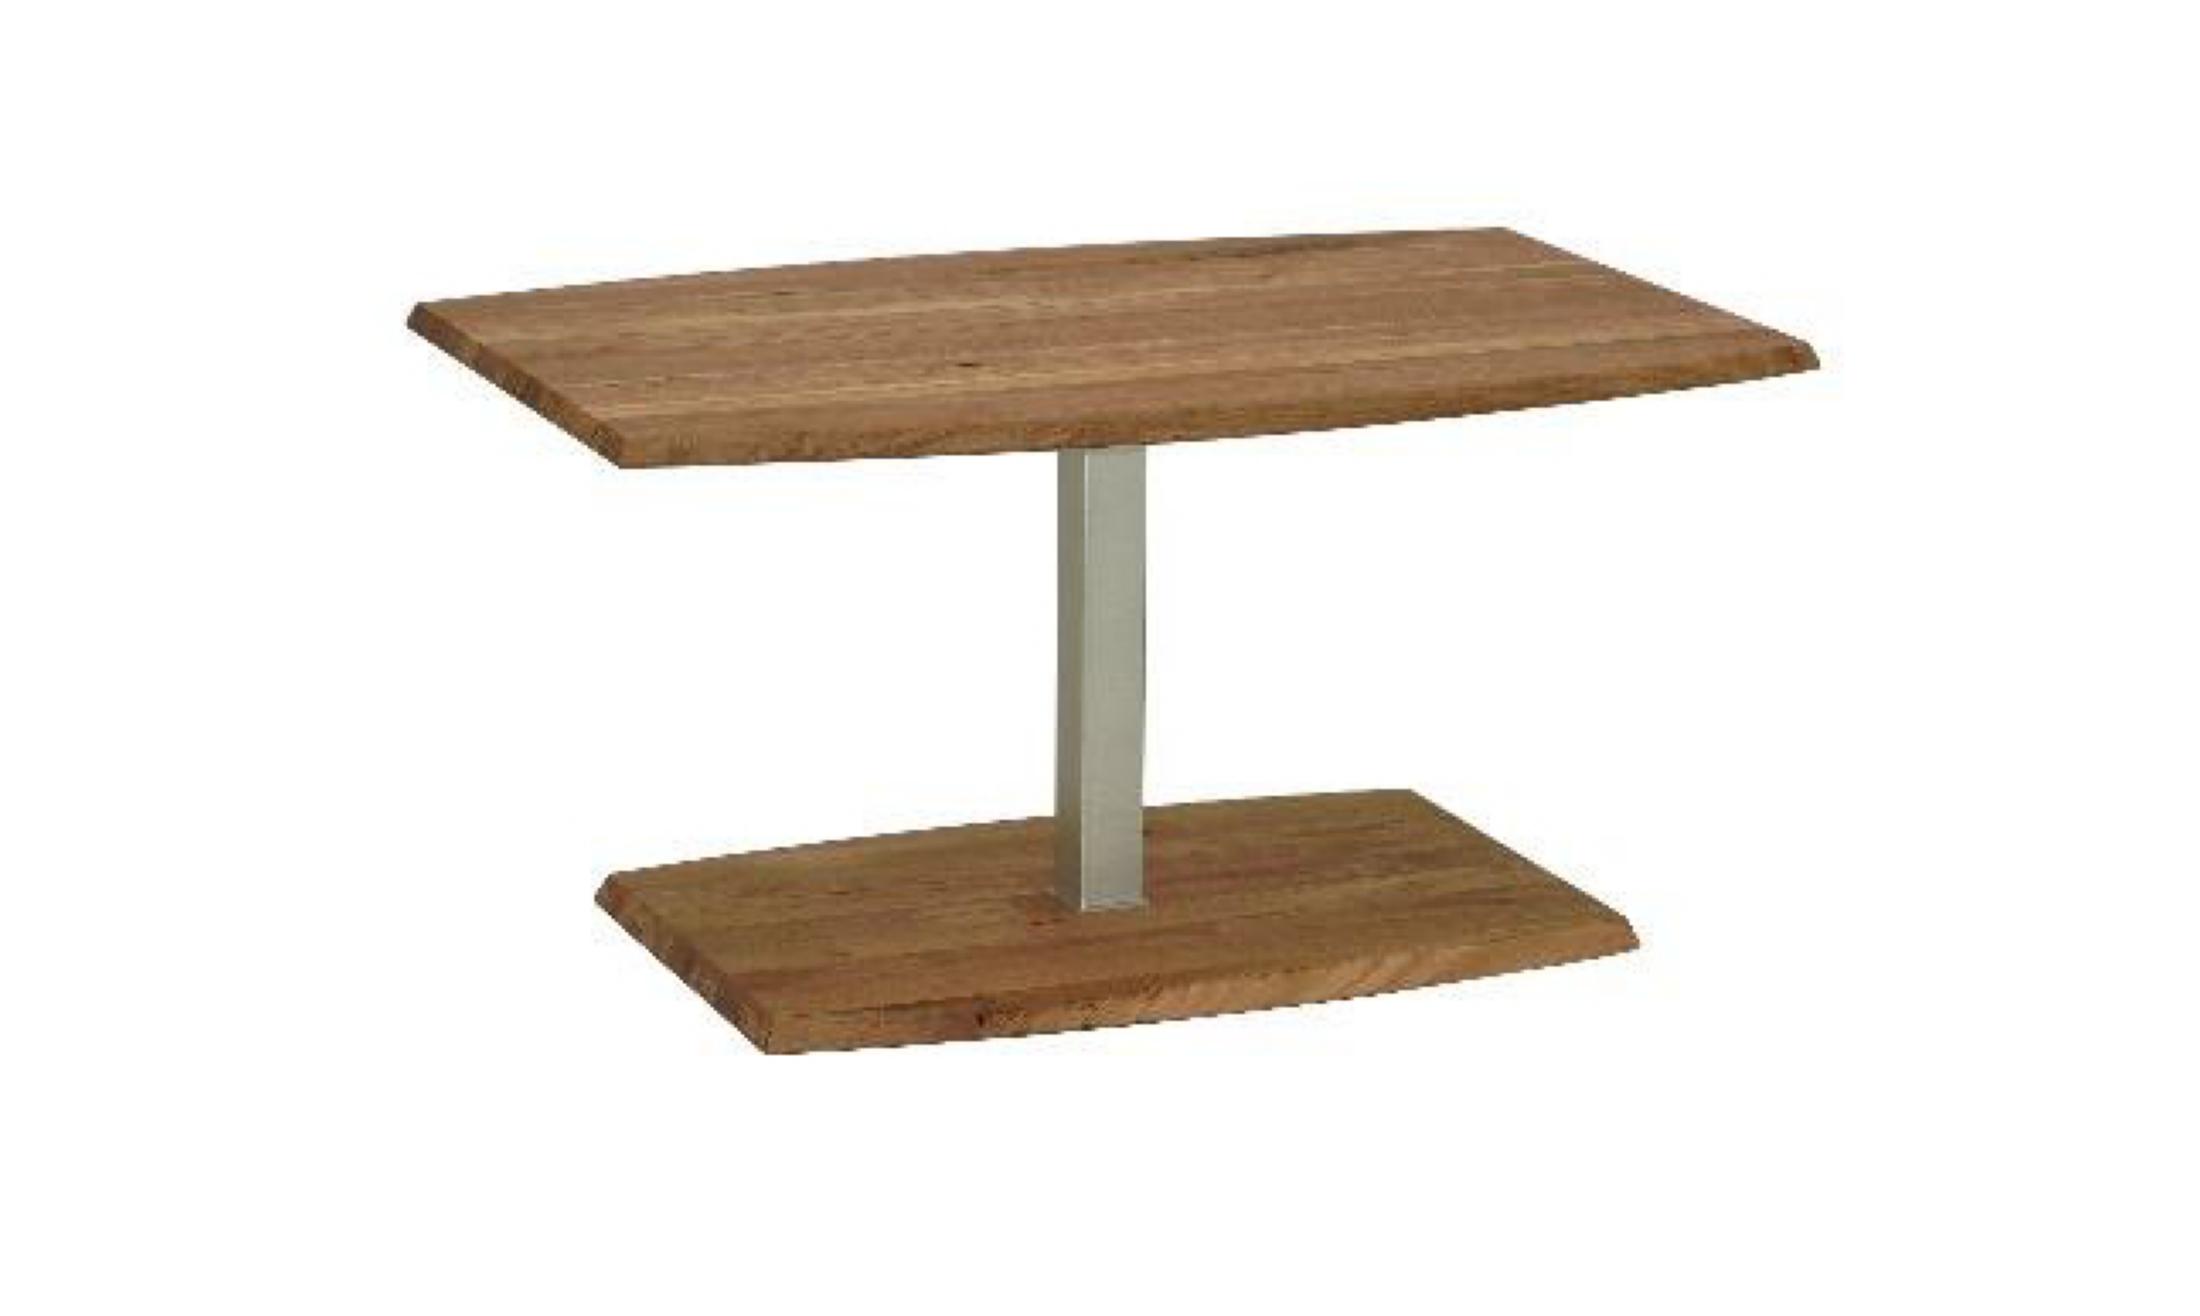 Couchtisch Wildeiche Geölt Mit Lift Woody 189-00020 Holz Modern